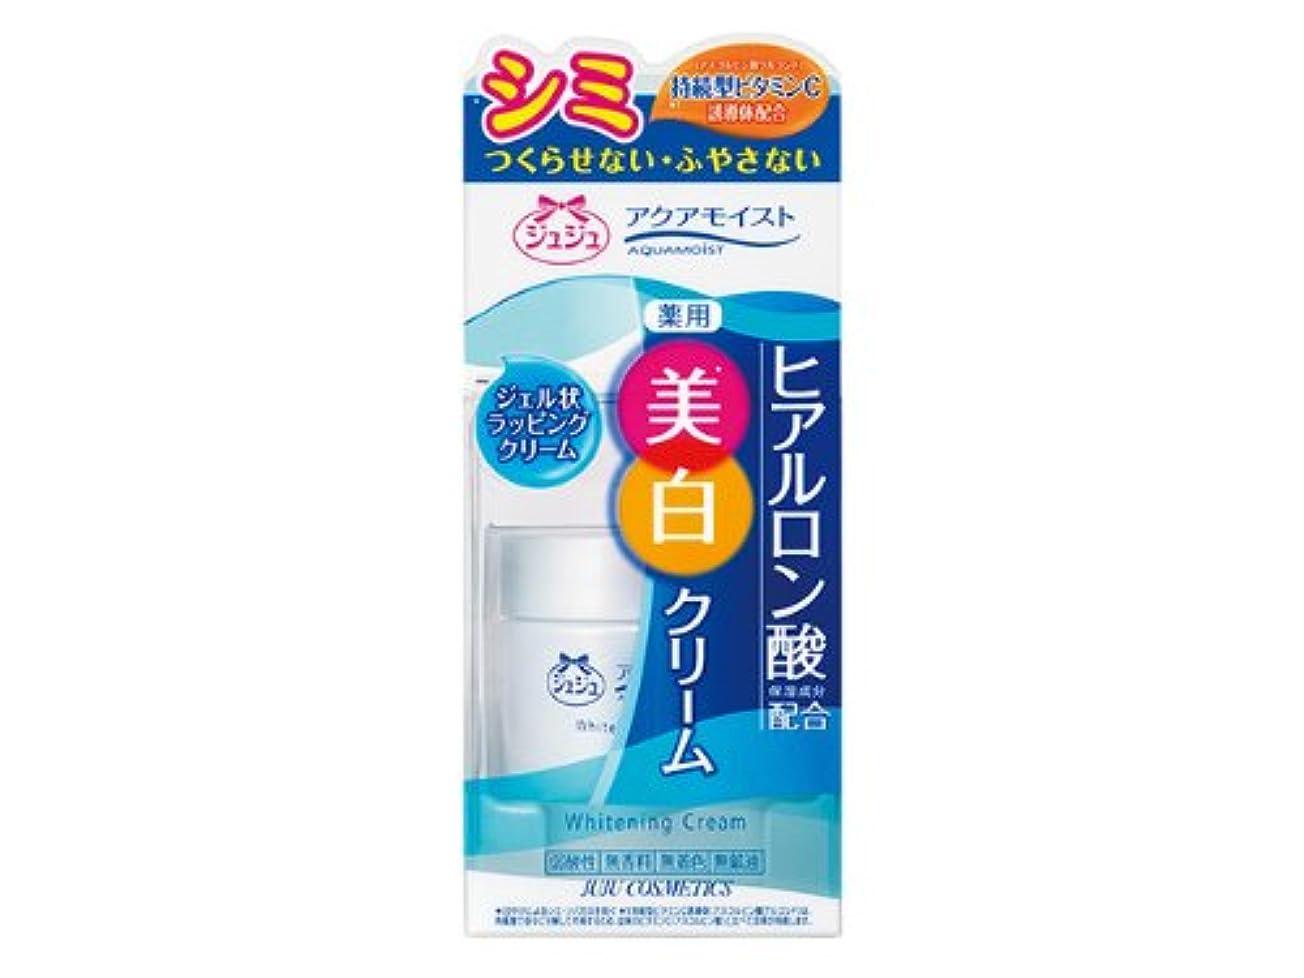 報いるむしゃむしゃレビュアーアクアモイストC 薬用ホワイトニングクリームH 50g 【医薬部外品】